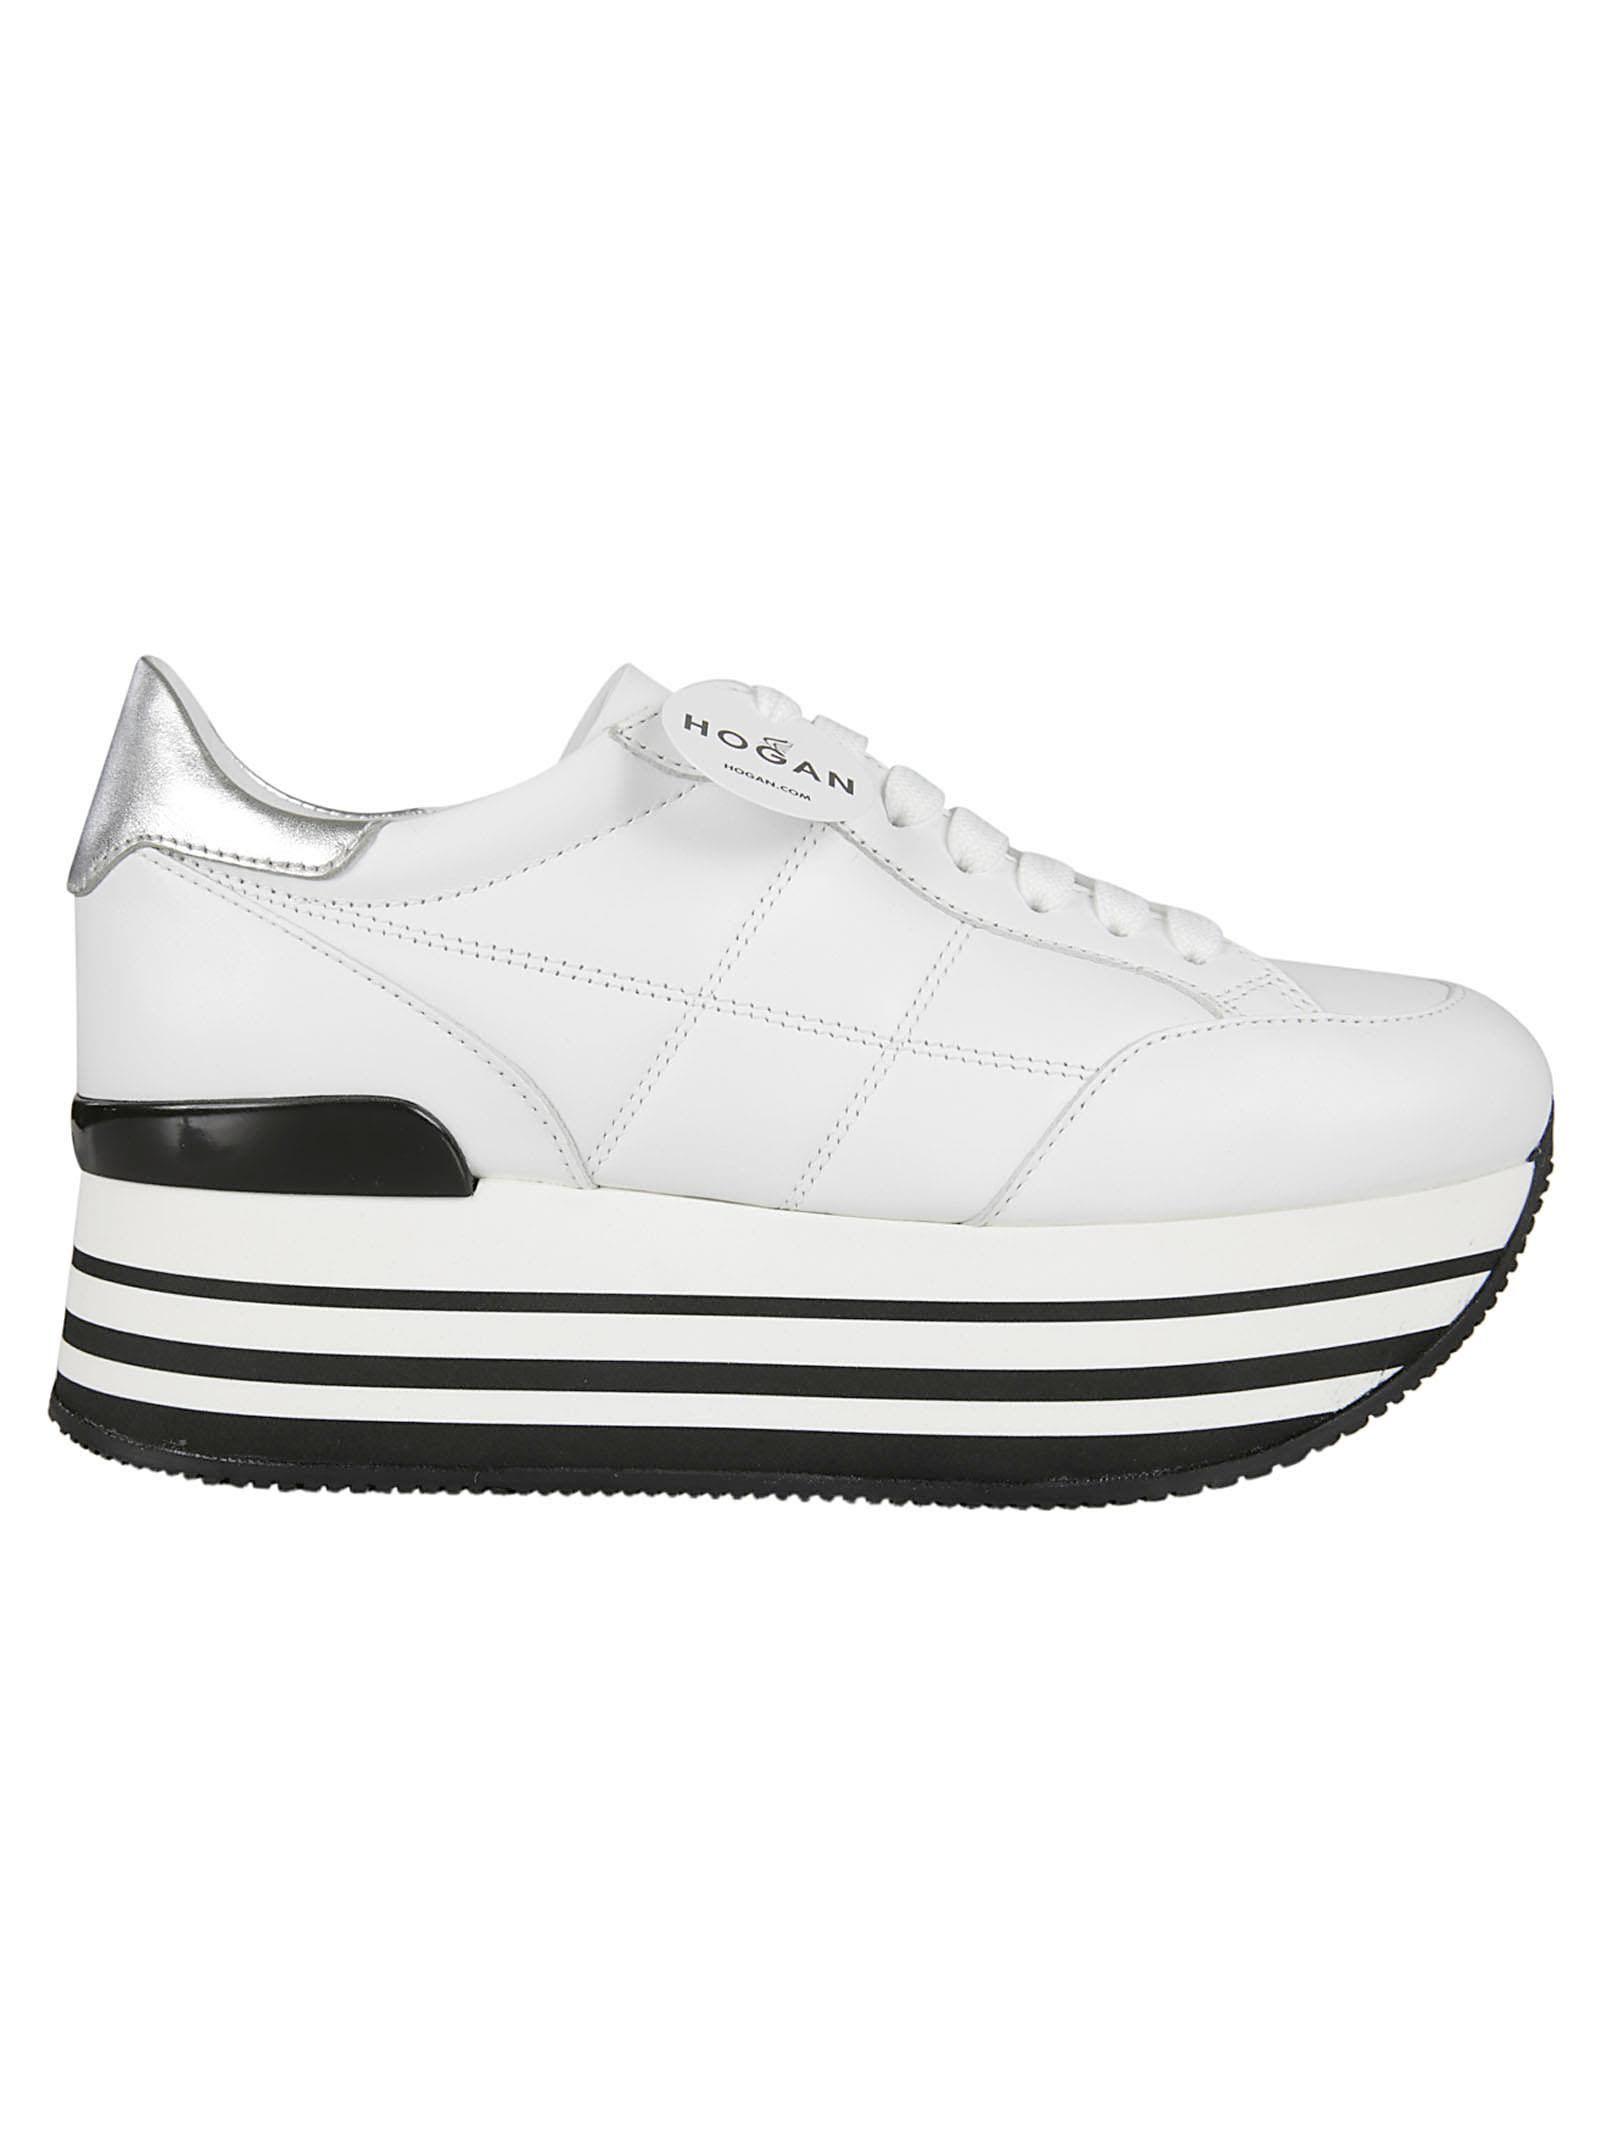 Manchester Gran Venta Con Mastercard Para La Venta Sneaker Platform Maxi H222 Paypal Con El Precio Barato Envío Libre Gran Sorpresa Sneakernews Venta W0YeMwk